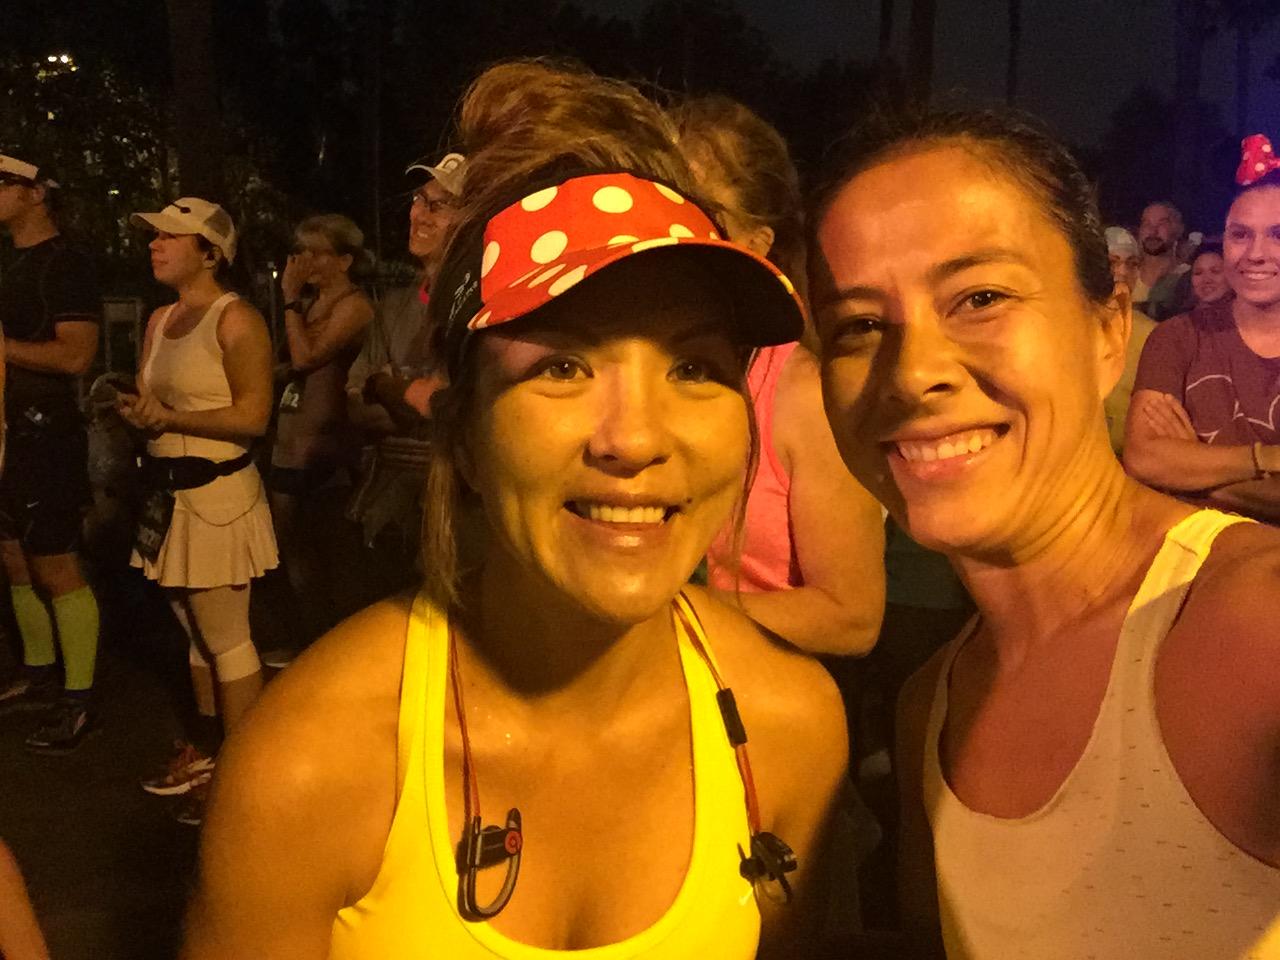 FINALLY GOT TO MEET THIS FAST MOTHER RUNNER, @PAMMYRUNS! SHE IS AMAZING!